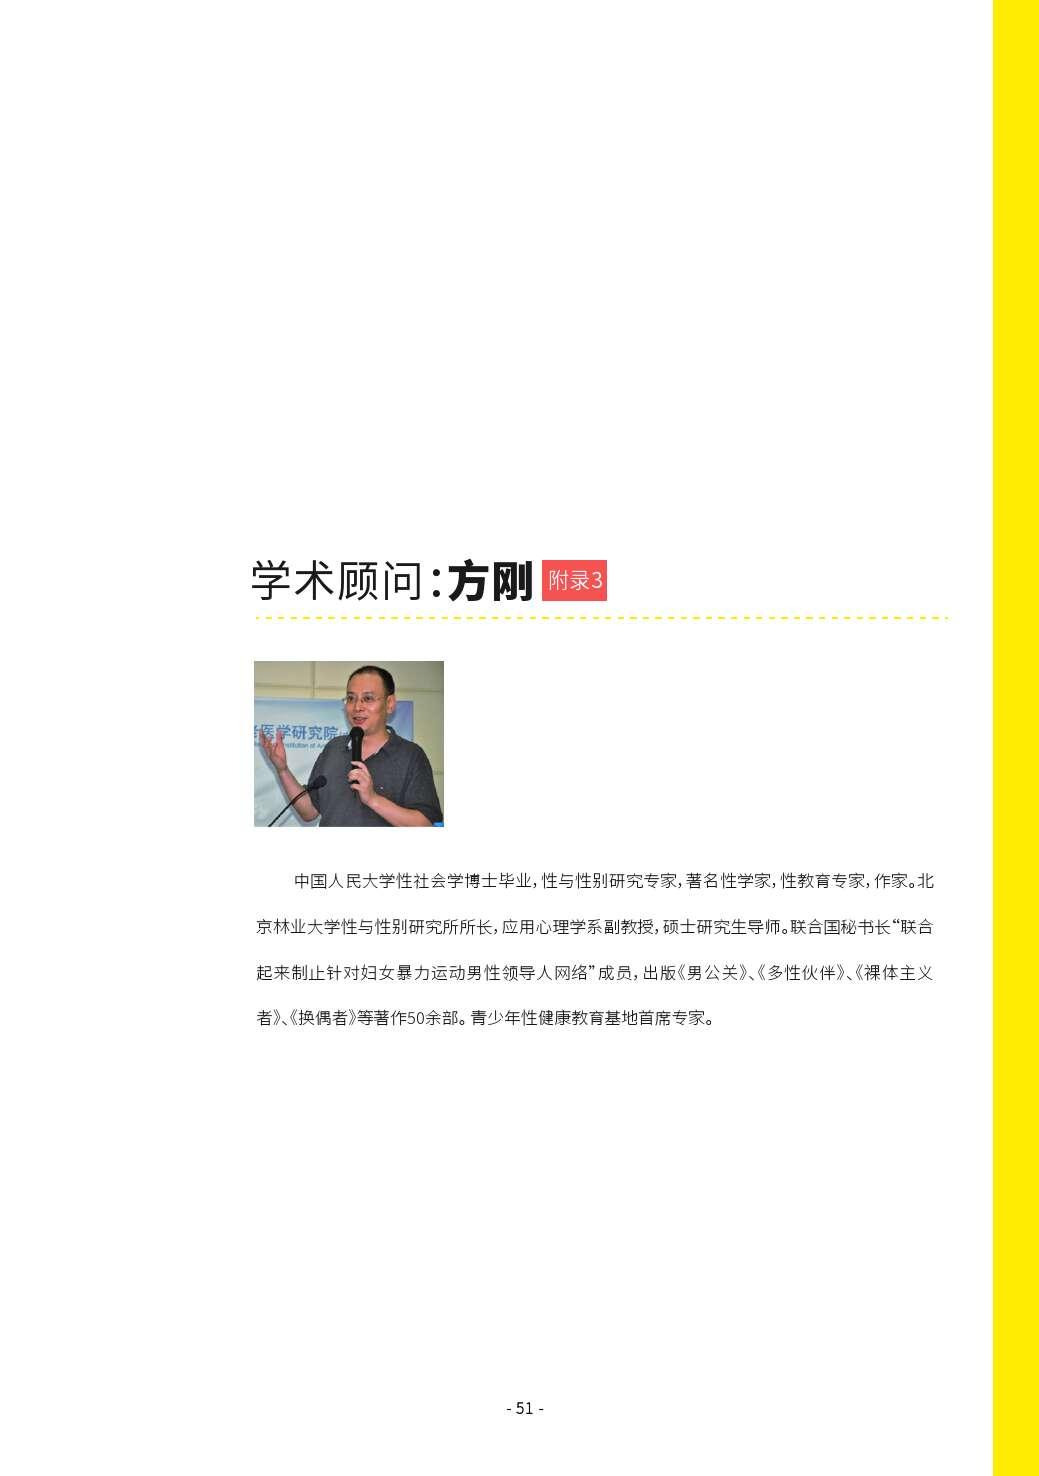 第二届中国LGBT群体消费调查报告_000051